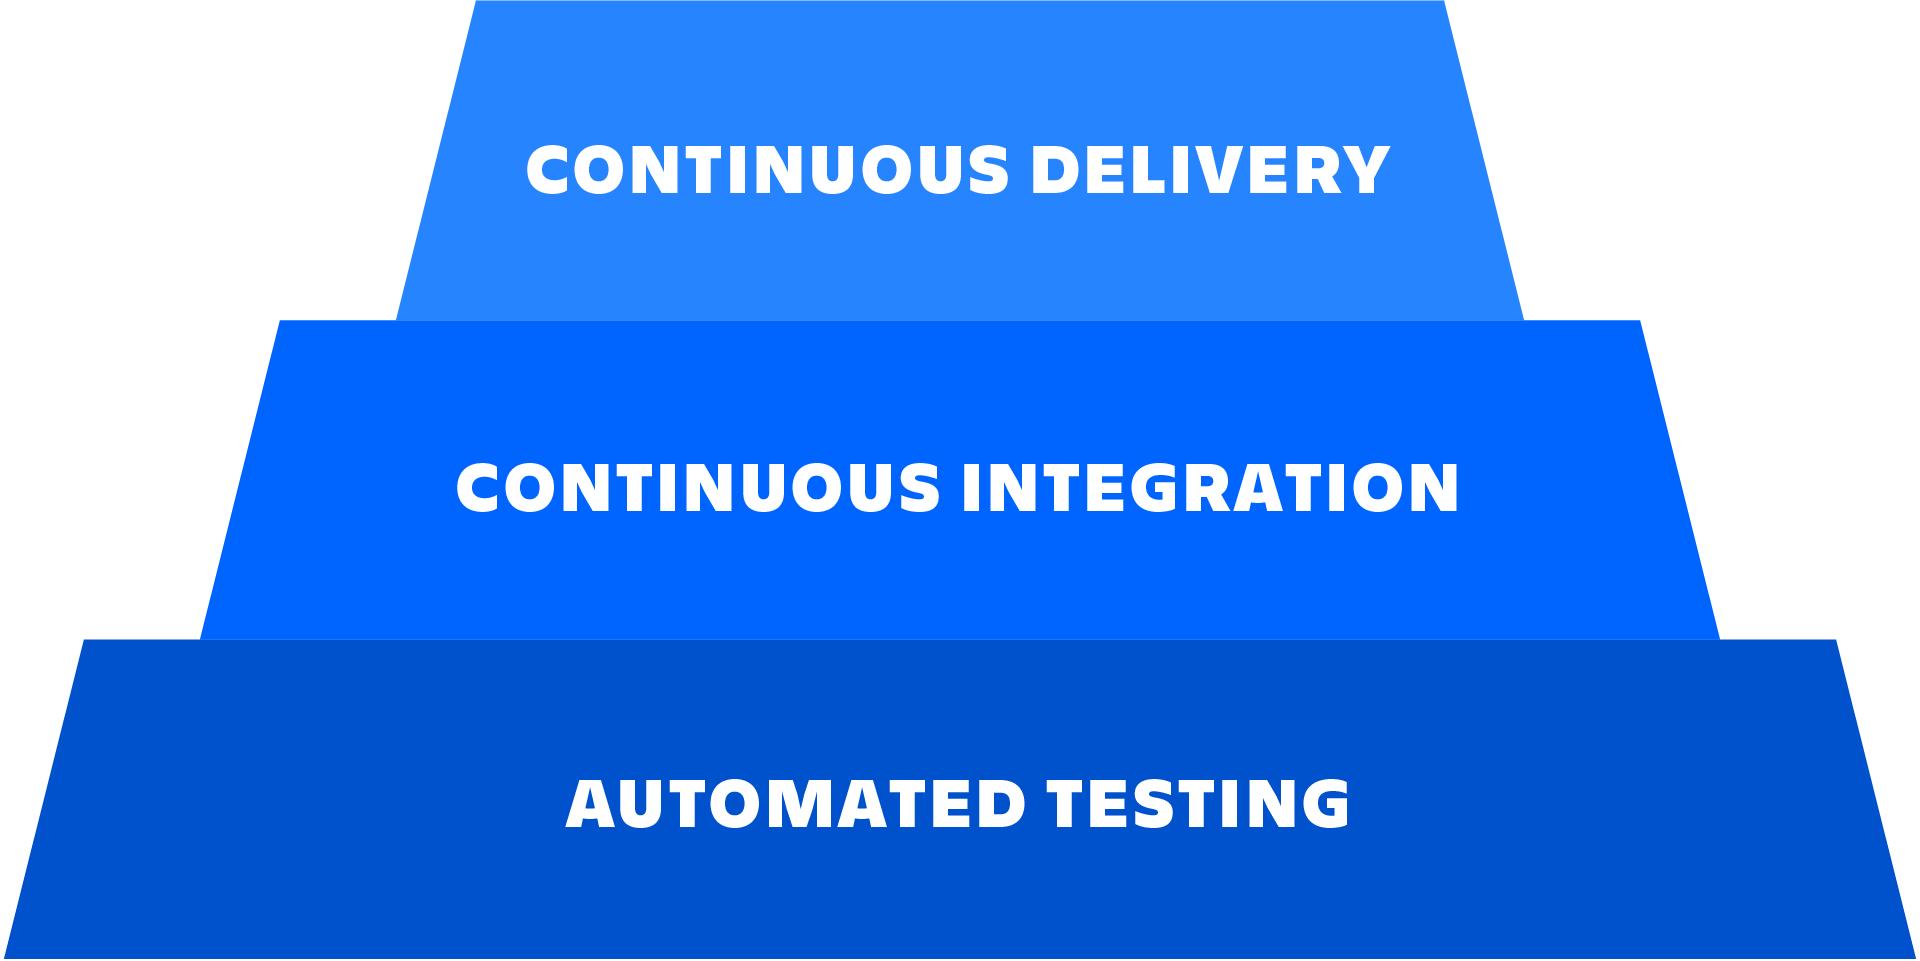 Ein Diagramm, das den Zusammenhang zwischen automatisierten Tests, Continuous Integration und Continuous Delivery darstellt